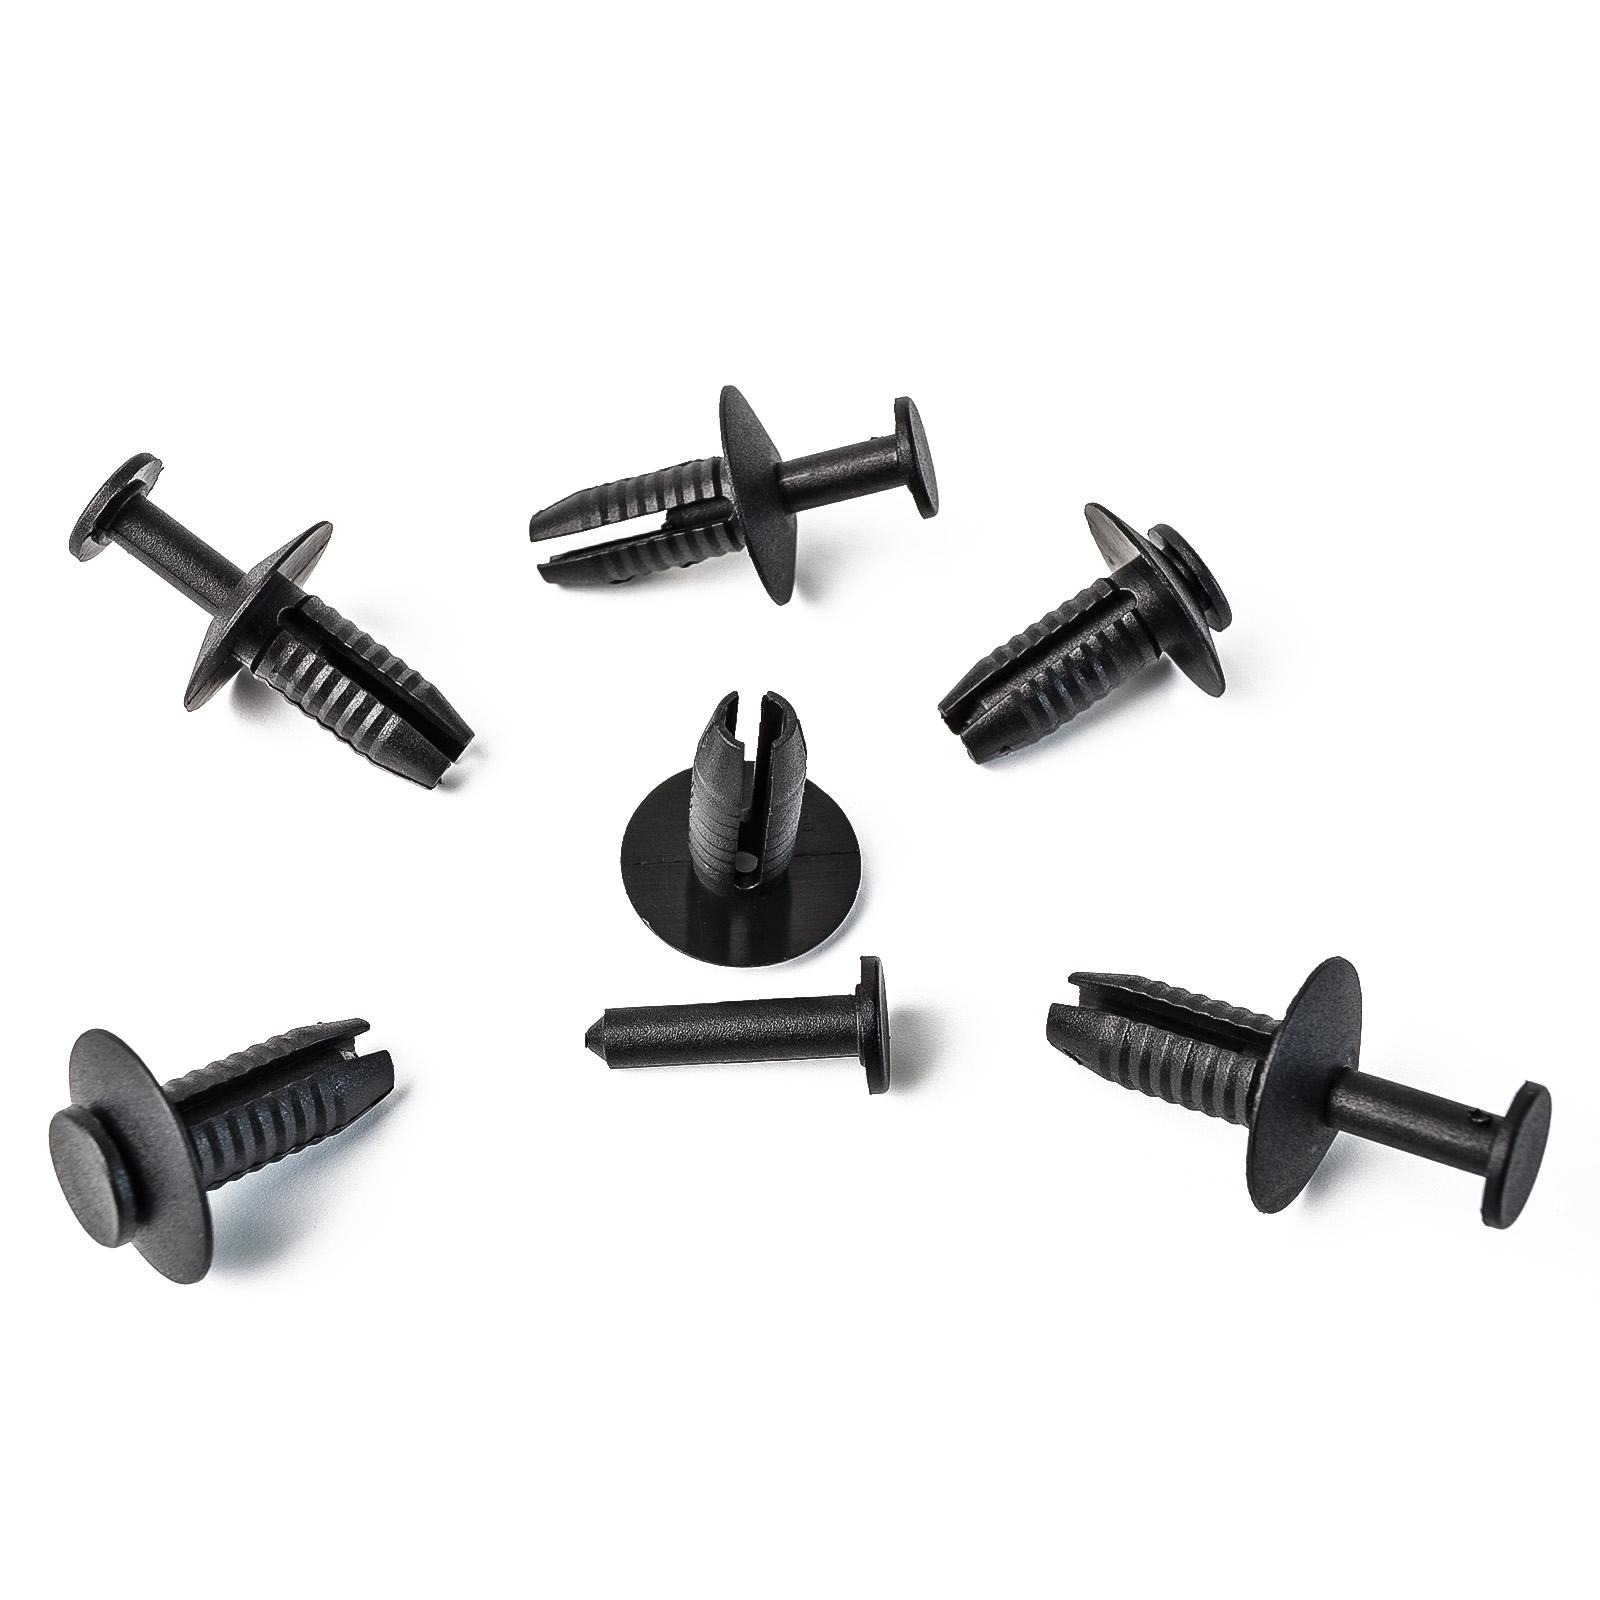 10x Clip Stoßstange Befestigung Spreizniete für BMW Audi Skoda uvm51111908077